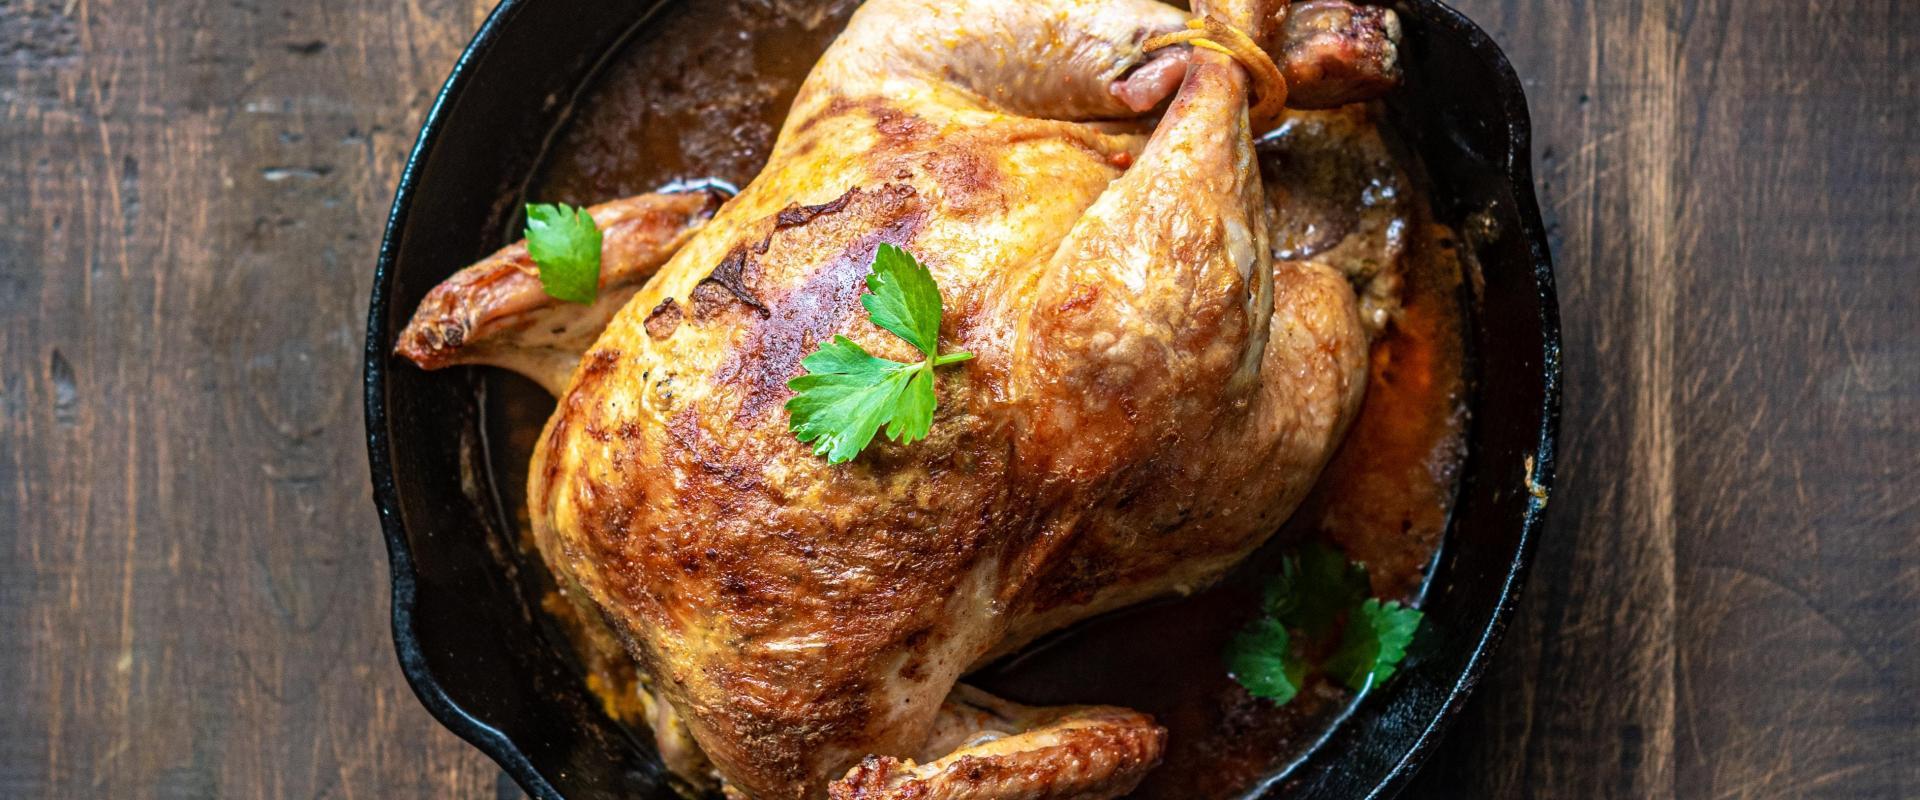 Roast Chicken Takeaway Business Sydney